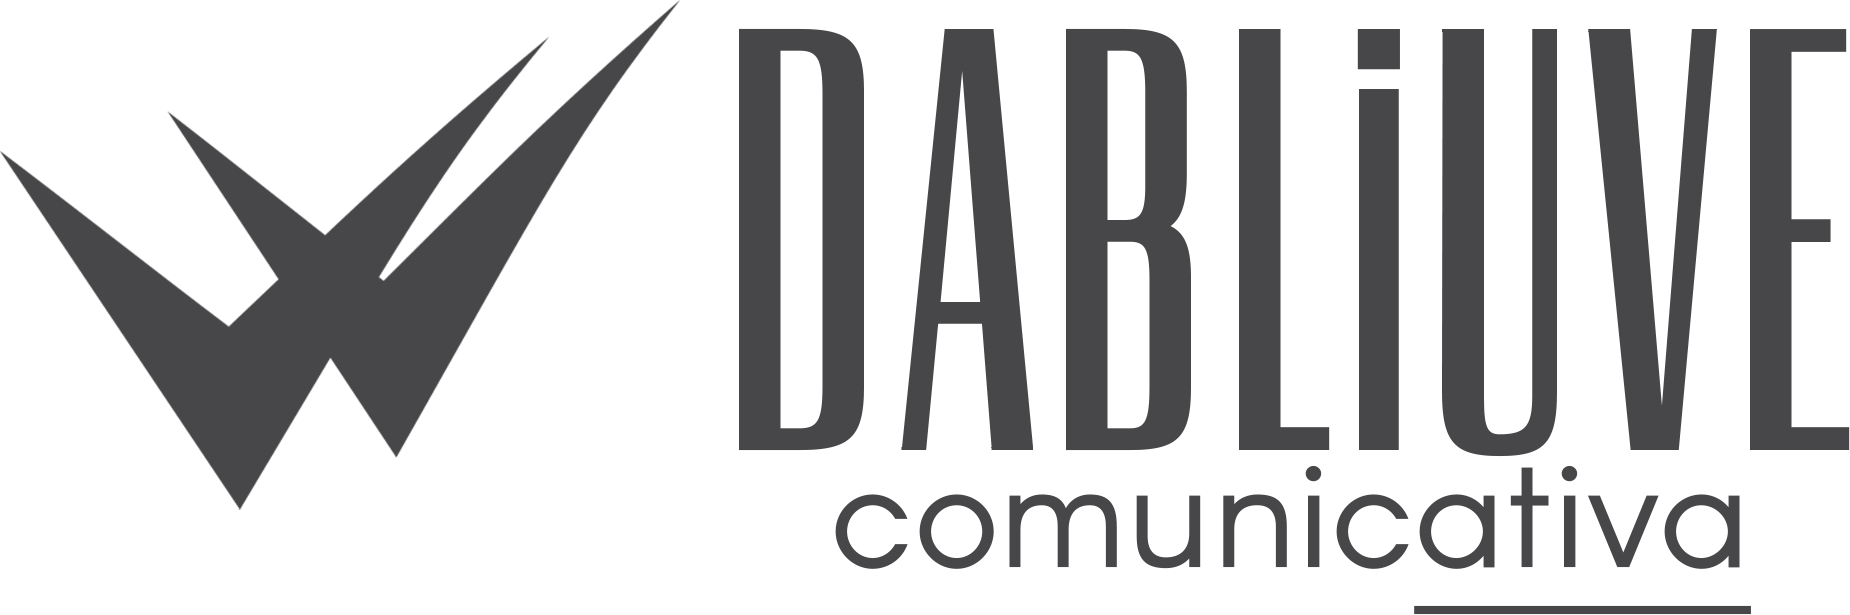 DABLIUVE